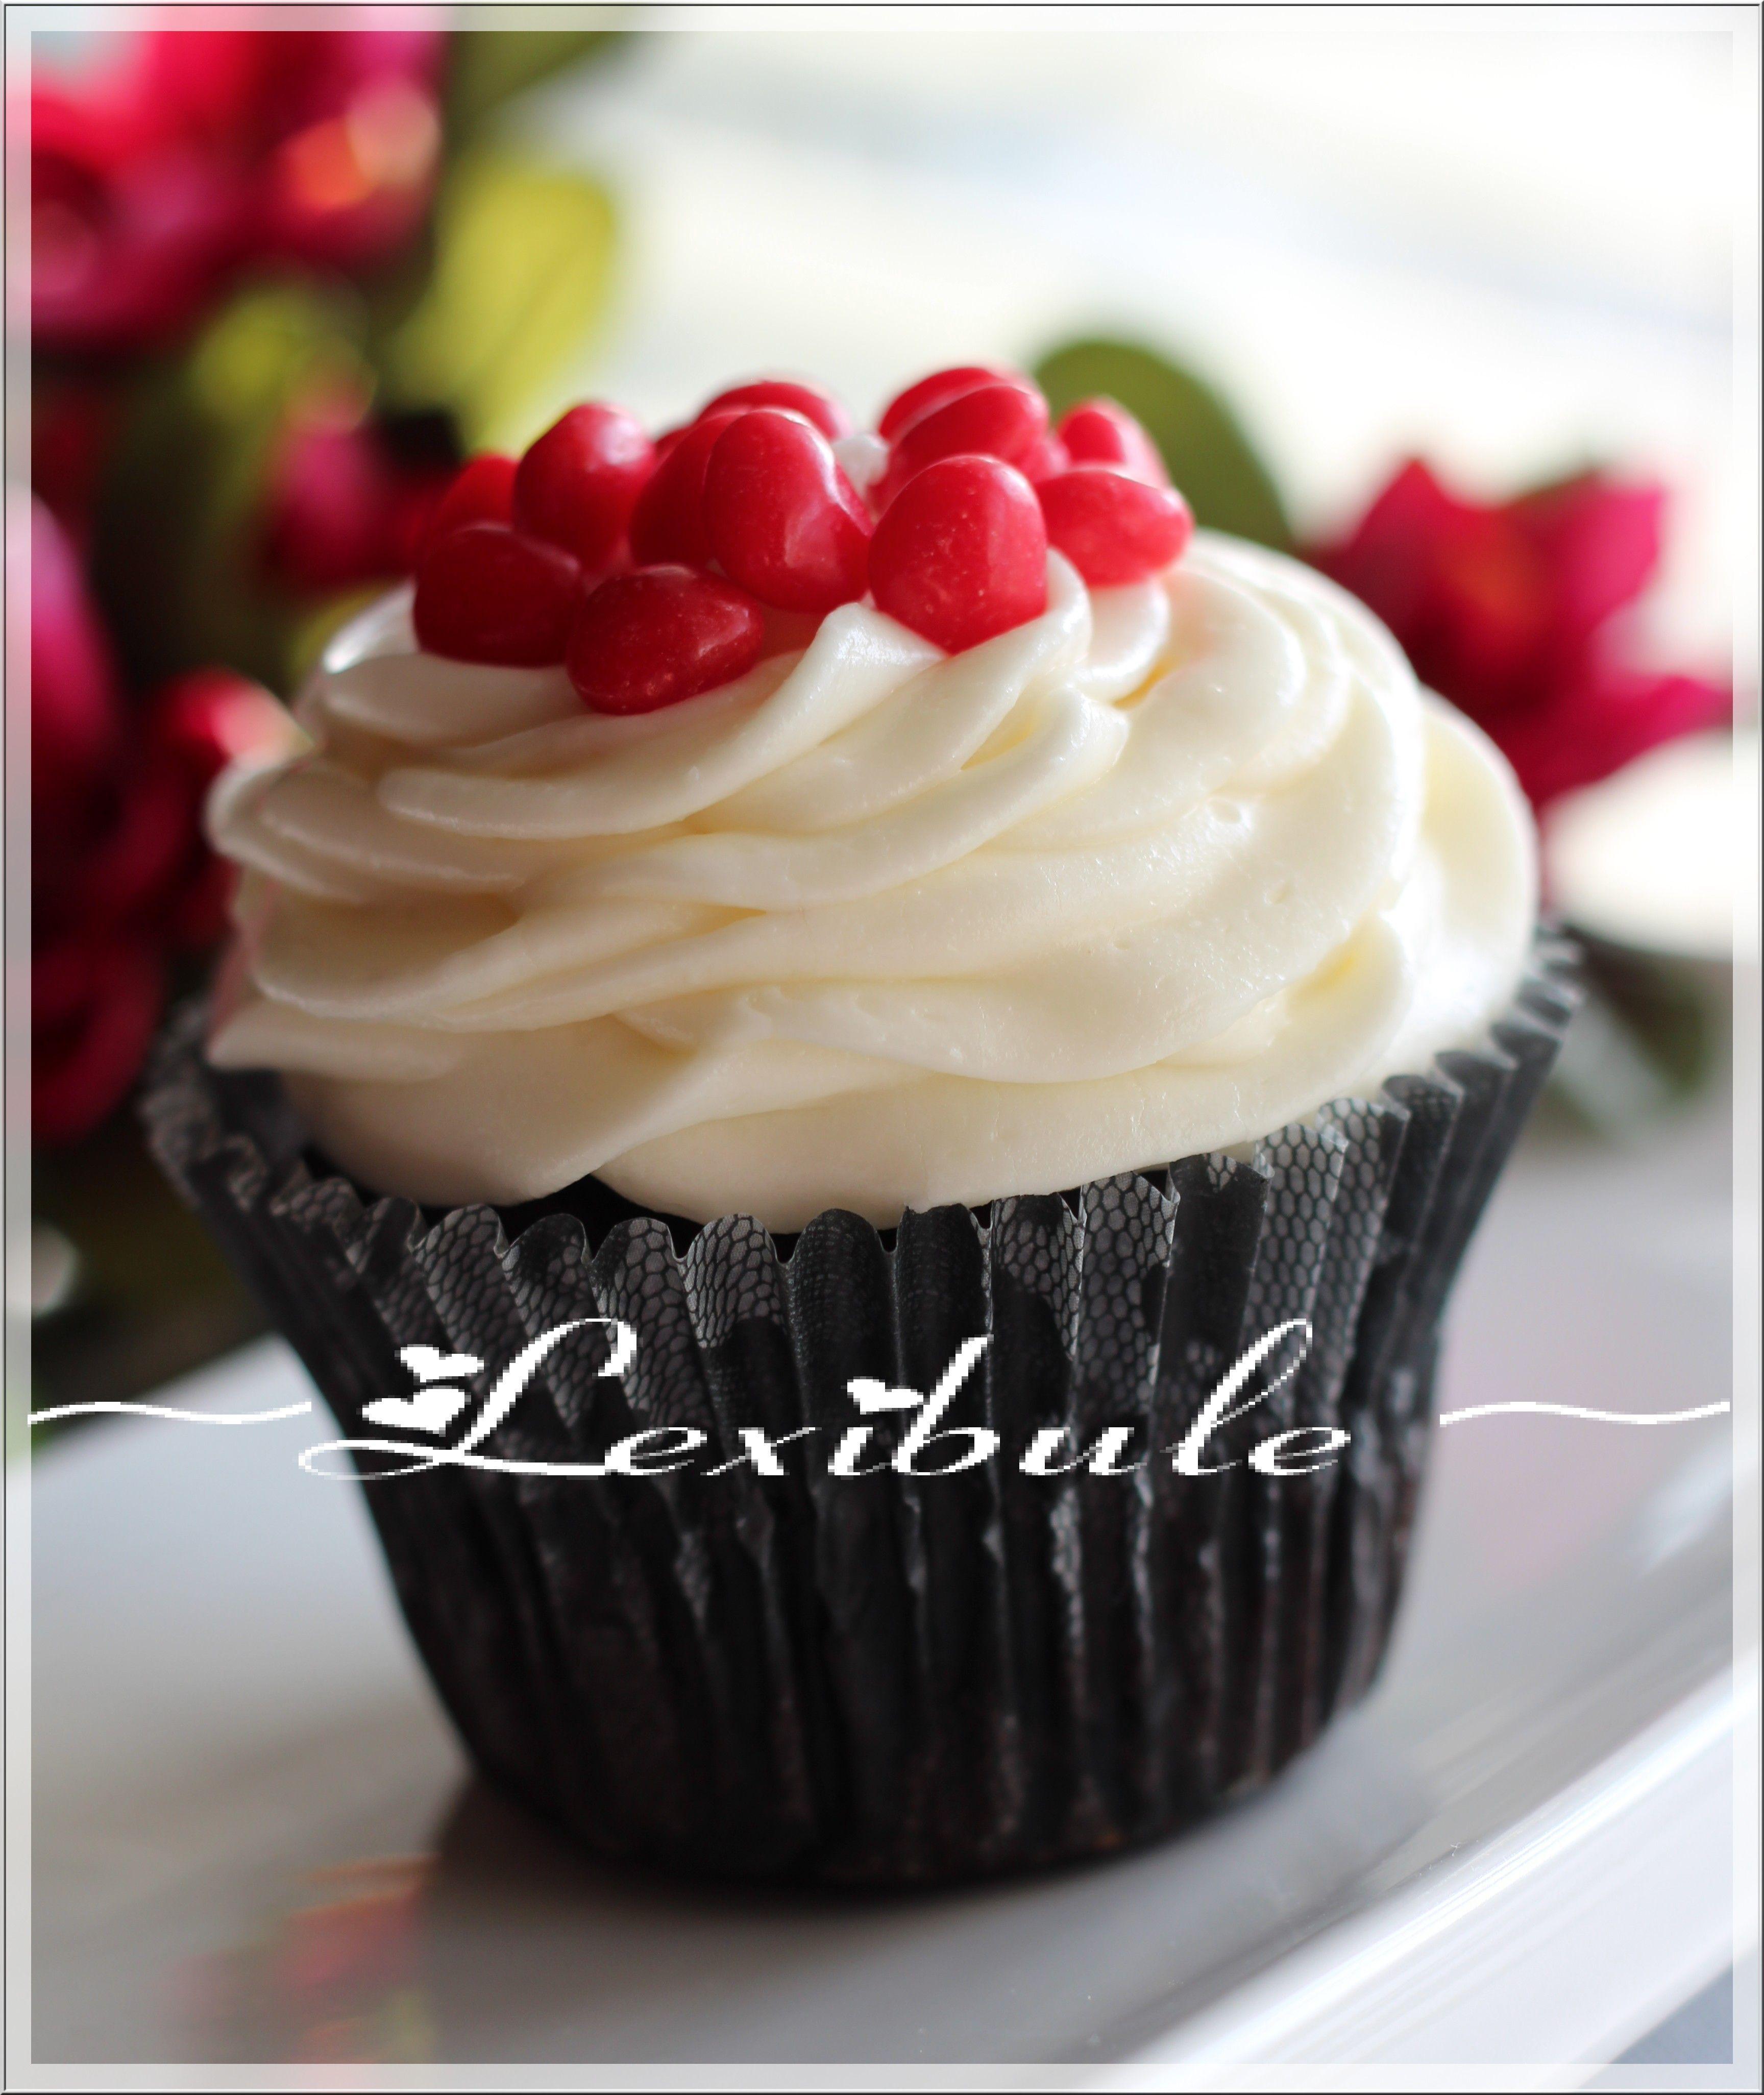 Cupcakes au chocolat et au glaçage au fromage à la crème Joyeuse Saint-Valentin!!